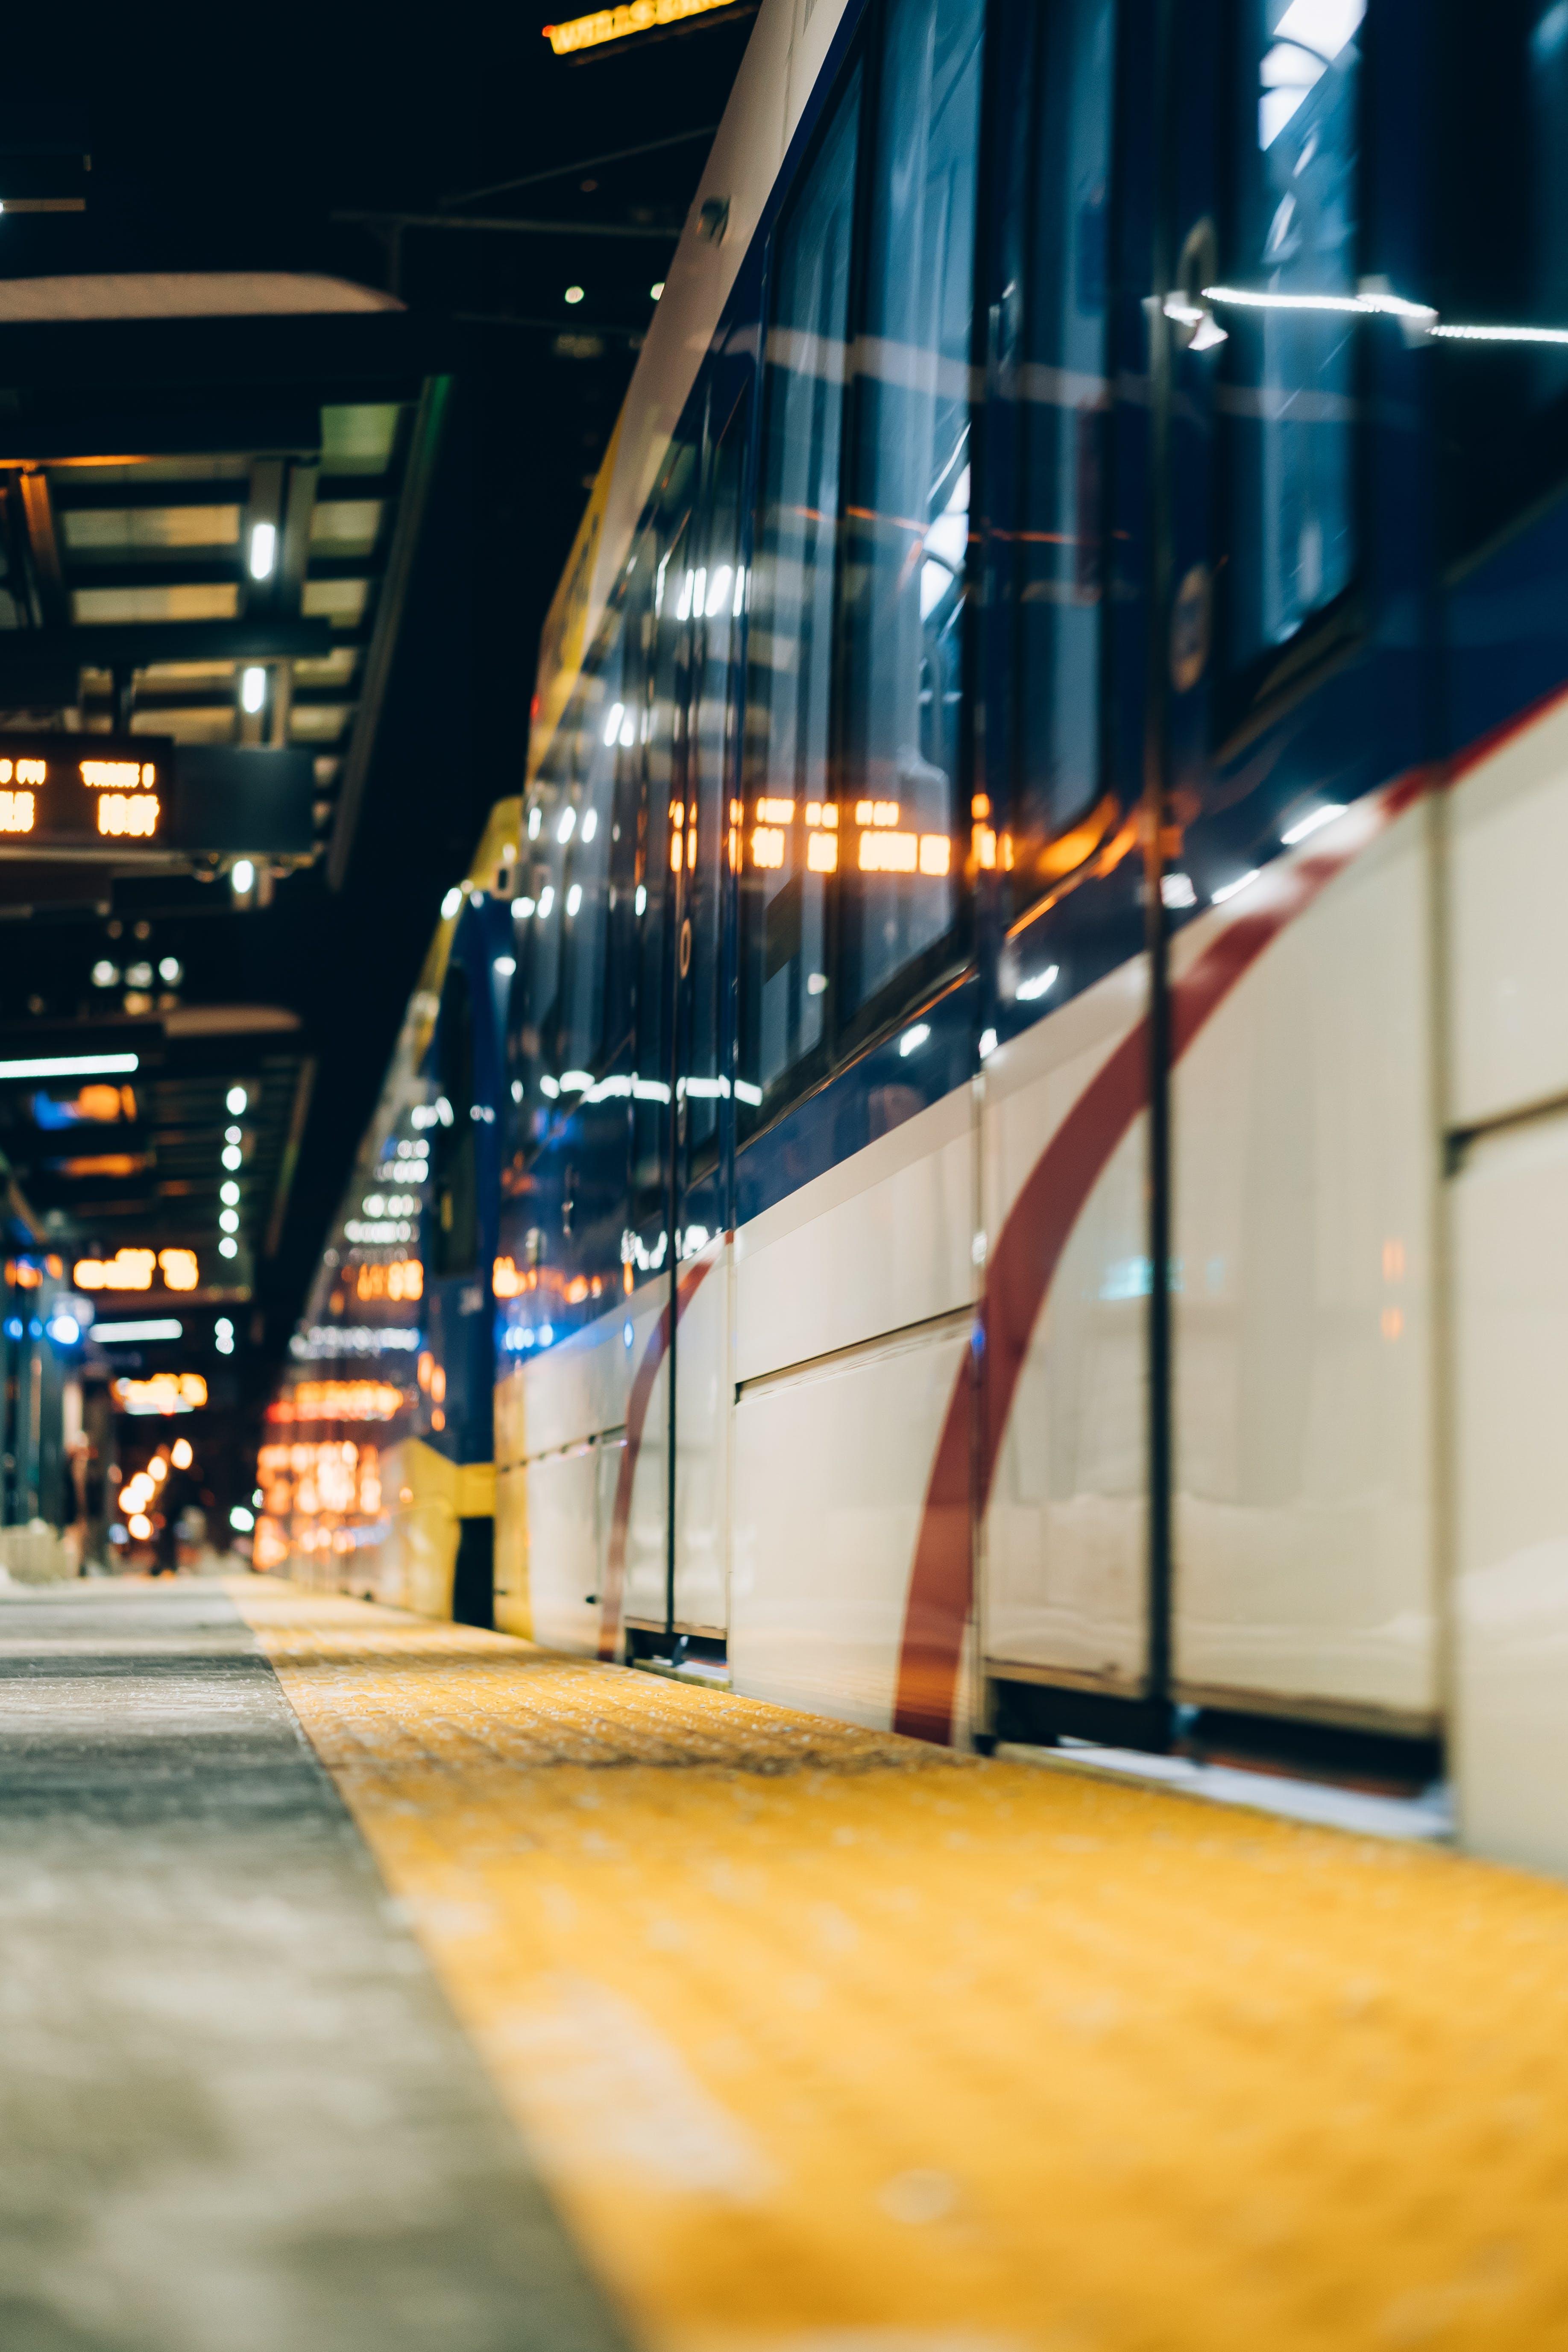 Gratis stockfoto met aankomsthal, hedendaags, lampen, metrostation